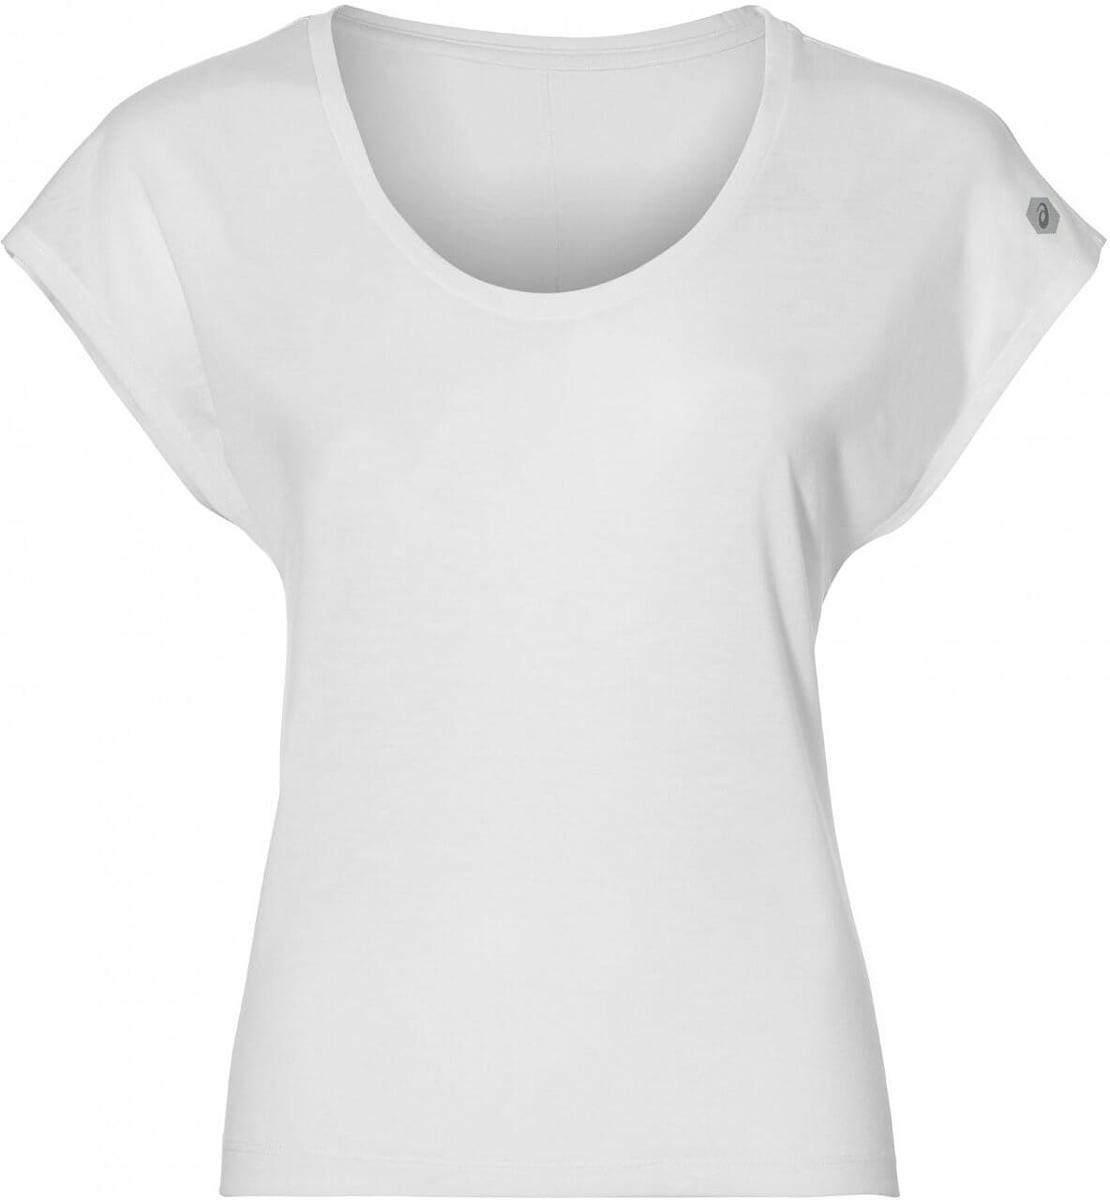 Футболка для фитнеса женская Asics SS Tee, цвет: белый. 149103-0014. Размер S (44/46)149103-0014Футболка от Asics предназначена специально для бега и тренировок. Эта футболка обеспечит вам безупречный комфорт и достижение высоких спортивных результатов благодаря мягкой, эластичной ткани, которая отводит влагу и поддерживает тело сухим. Плоские швы не натирают кожу и обеспечивают полный комфорт. Фасон рукавов-реглан элегантен и создает свободу движений. Футболка декорирована логотипом. Максимальный комфорт и уникальный спортивный образ!